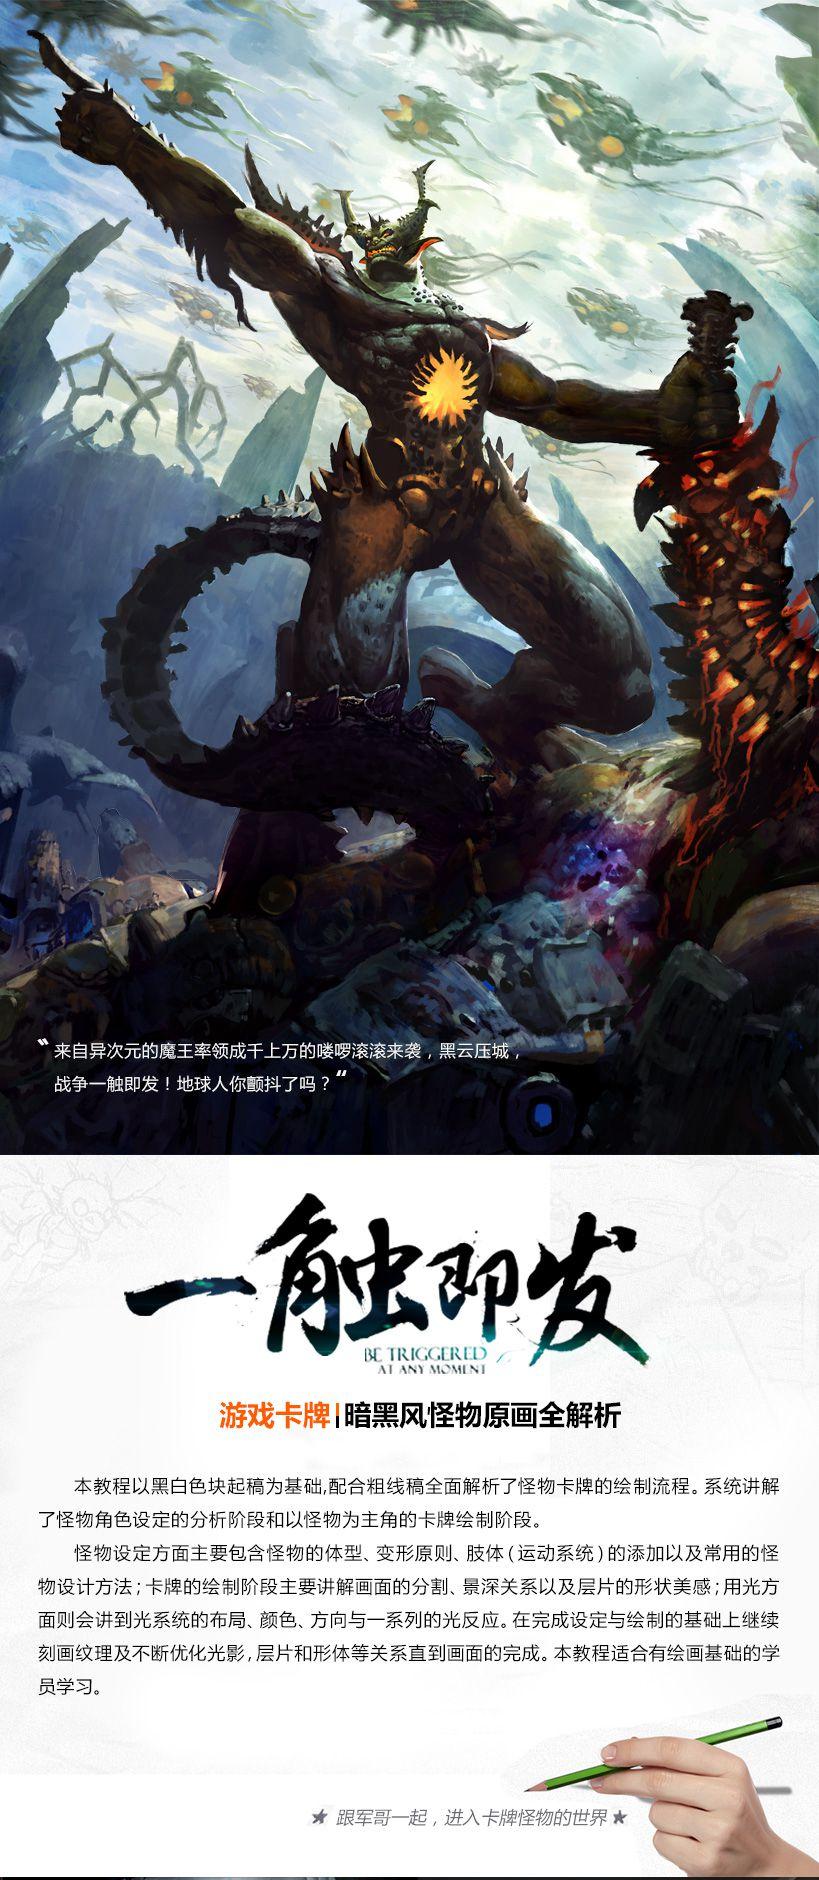 CG游戏原画暗黑风怪物视频教程